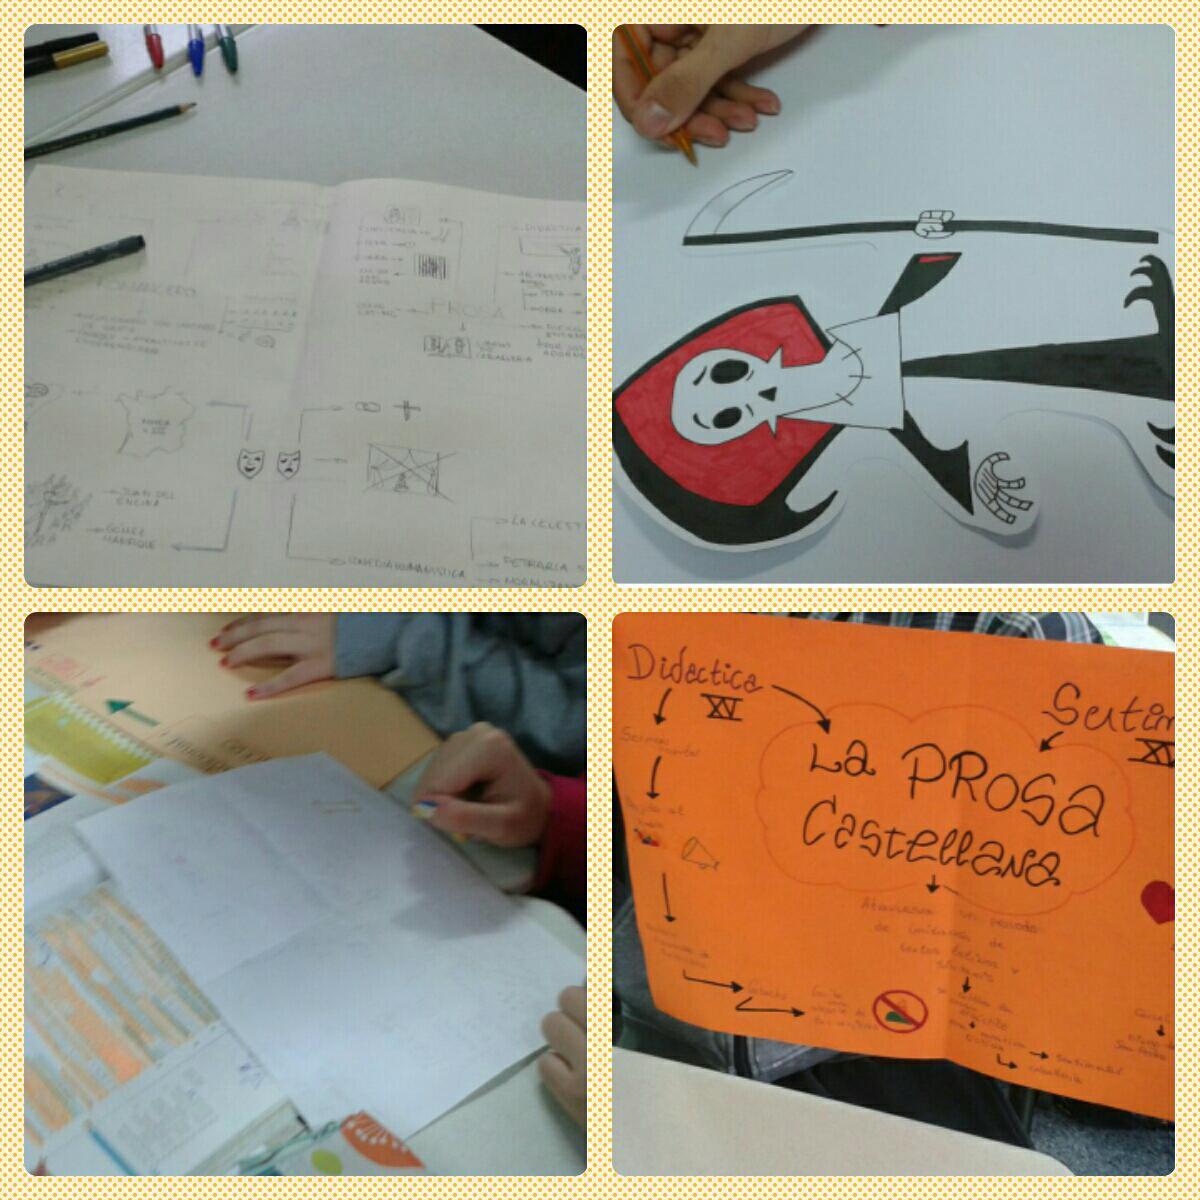 Trabajamos la prosa castellana con mapas mentales. Lengua. 1° Bachillerato http://t.co/QXfZM8RC0l